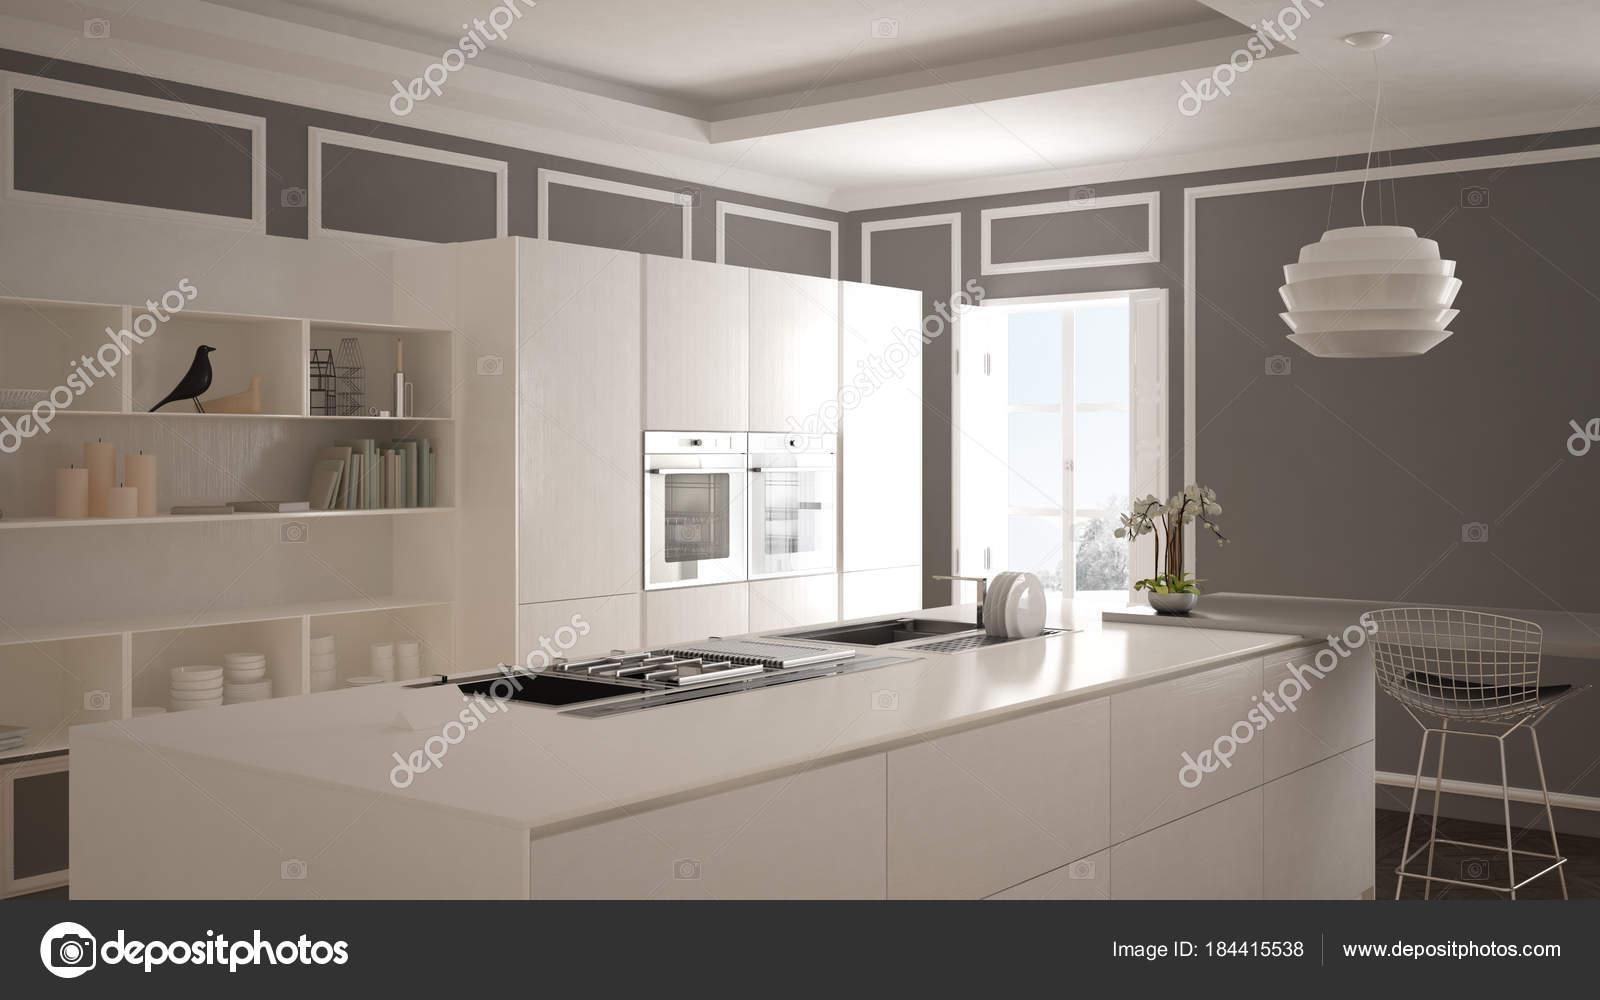 Faszinierend Moderne Küchen Mit Insel Sammlung Von Küche Im Klassischen Interieur, Hockern Und Zwei